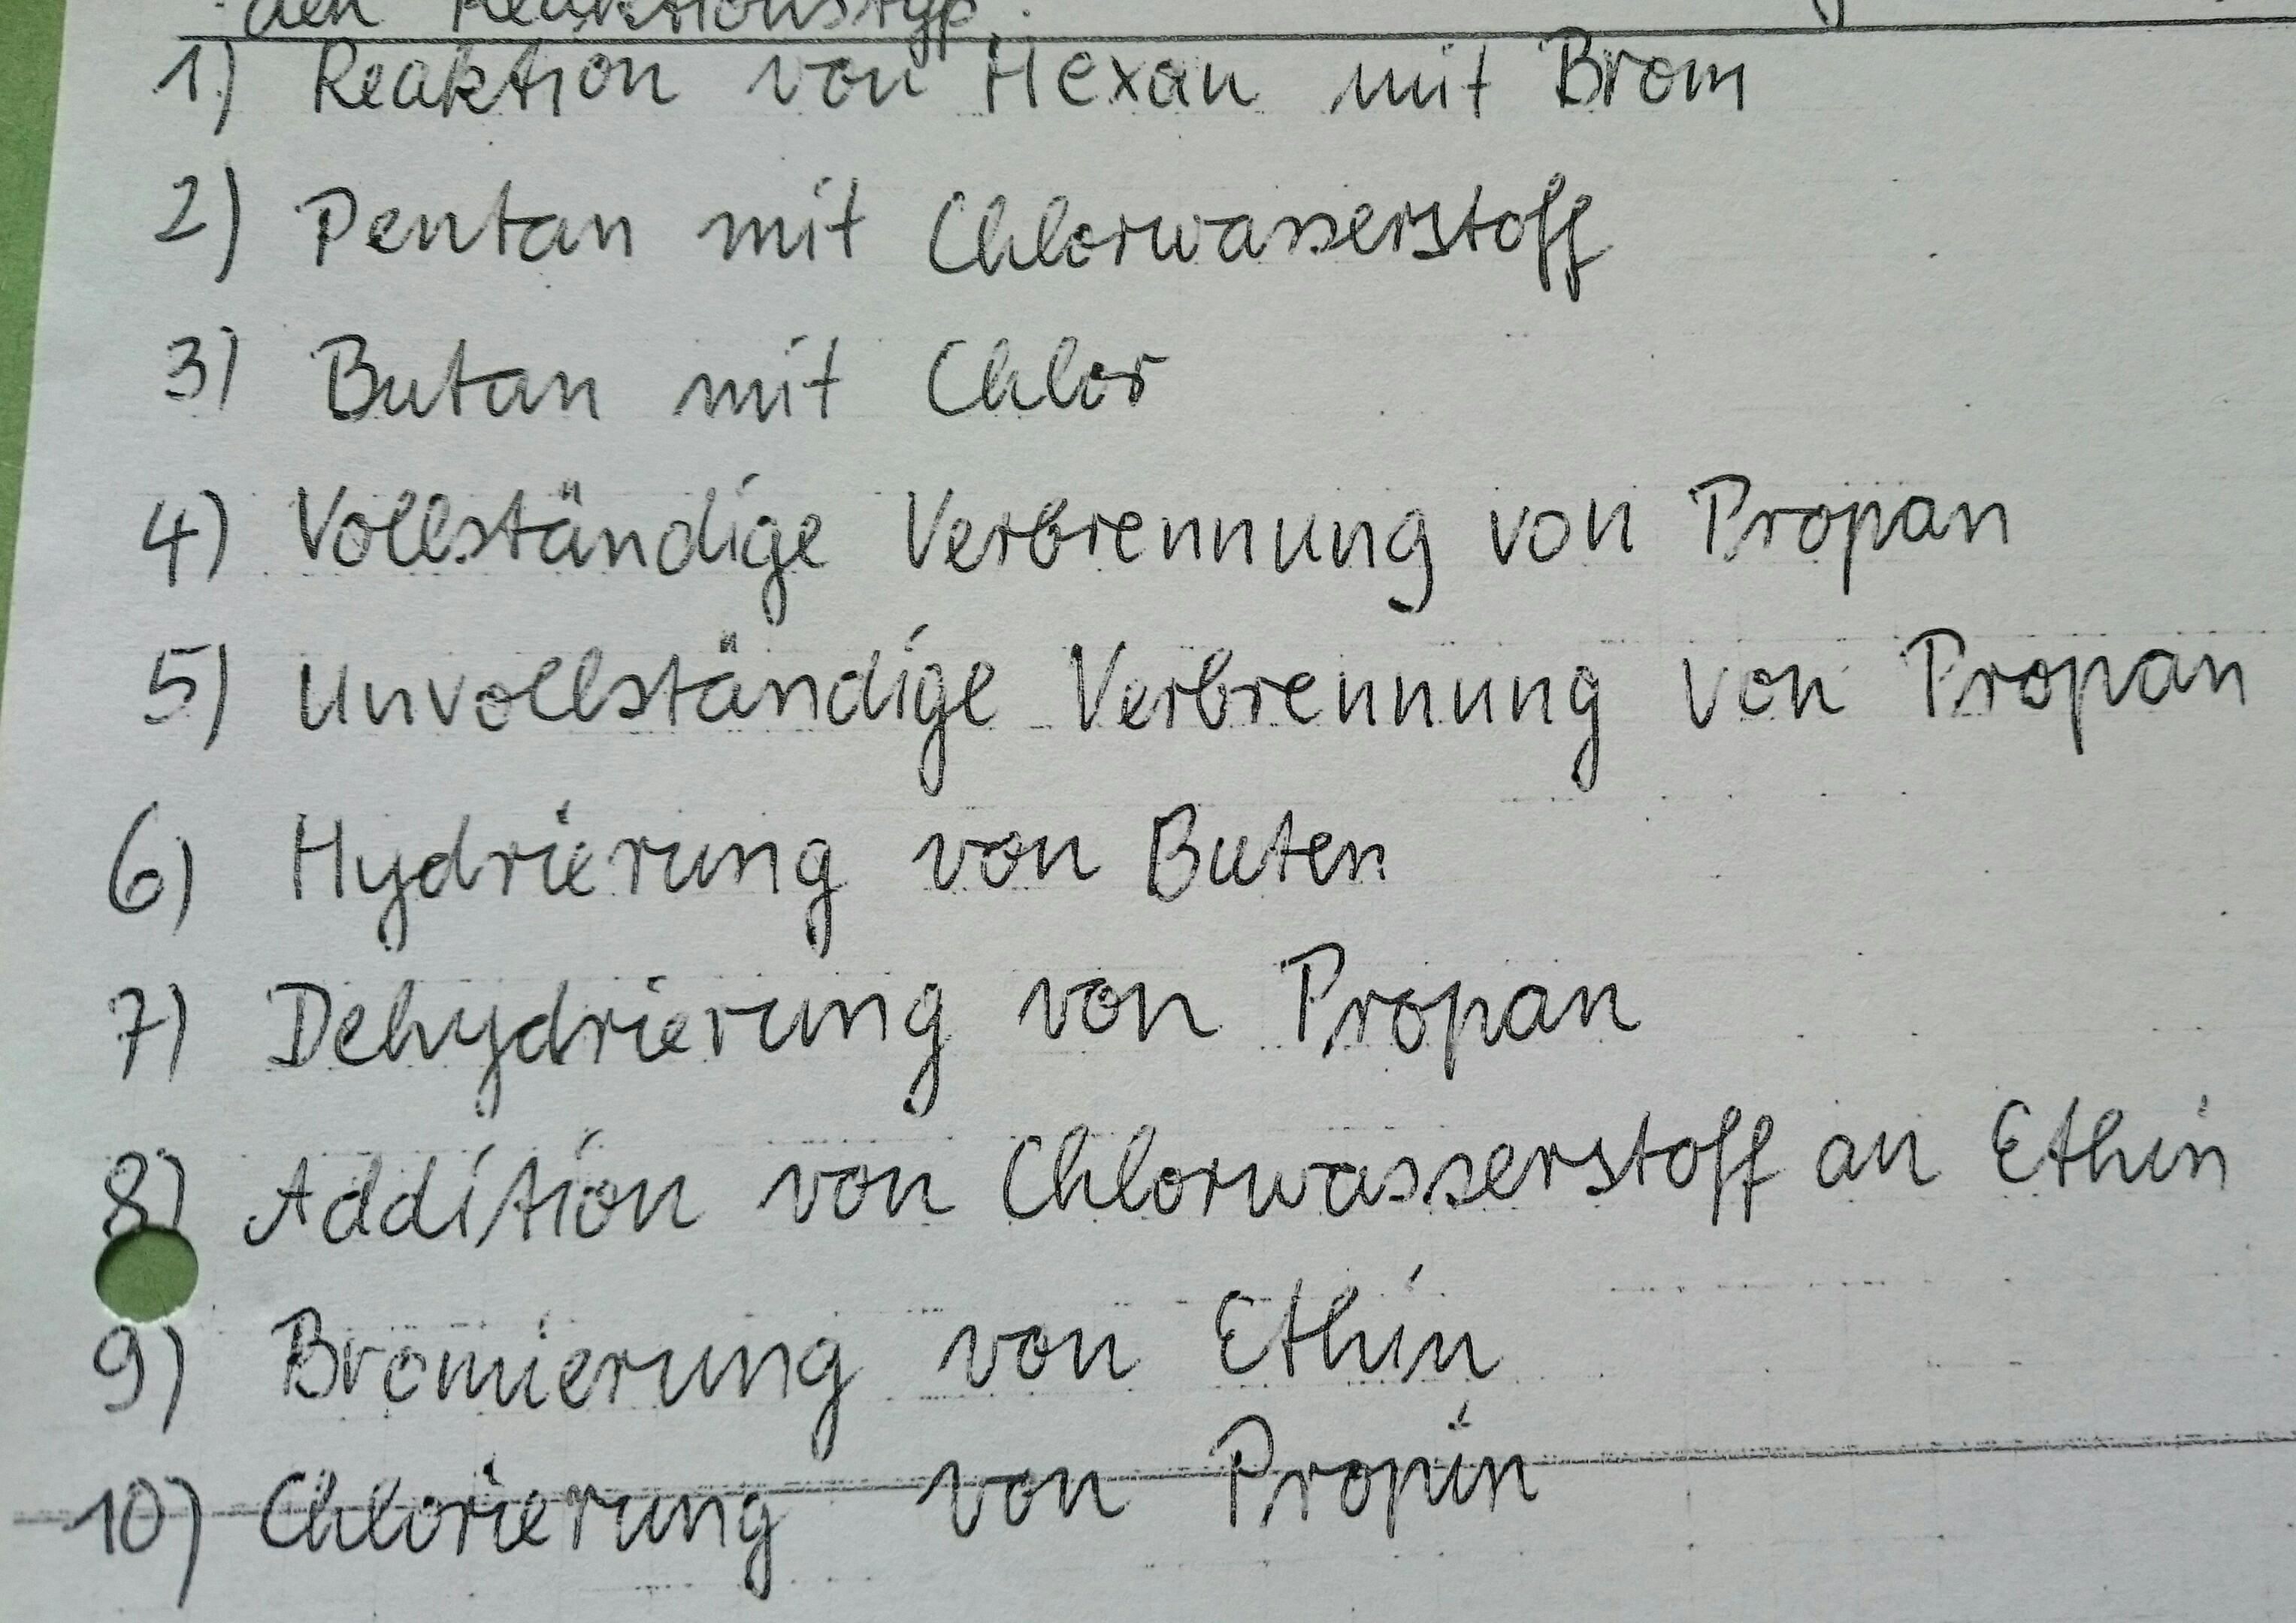 Groß Reaktionstypen Arbeitsblatt Galerie - Super Lehrer ...